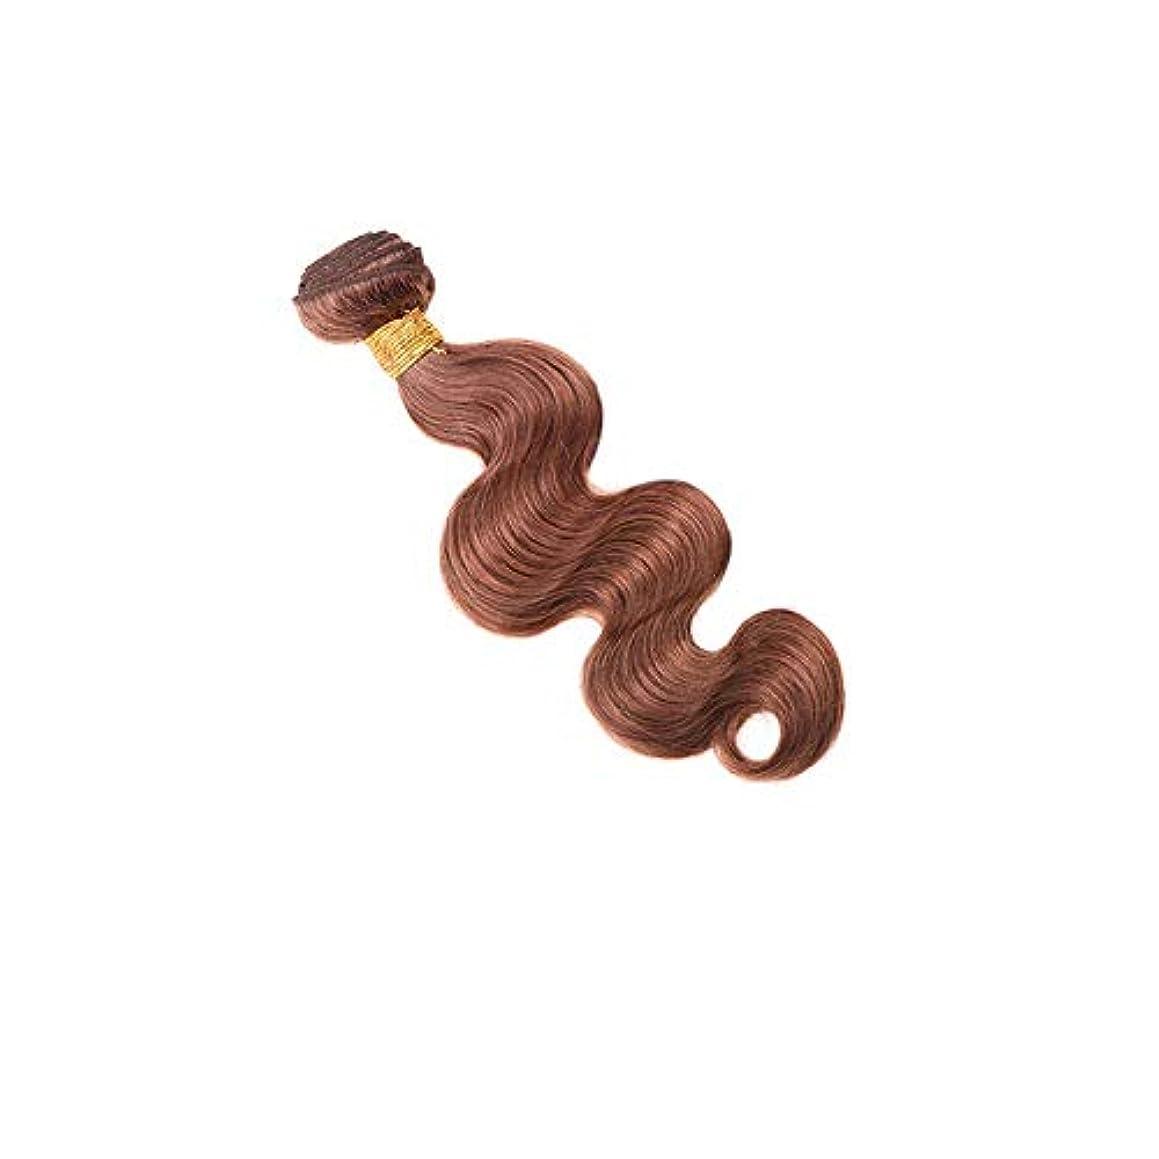 闘争ネックレス繁栄するHOHYLLYA 実体波ヘアエクステンション人間の髪の毛100g / 1束ブラジルの髪織り横糸 - 30#ブラウン色(10